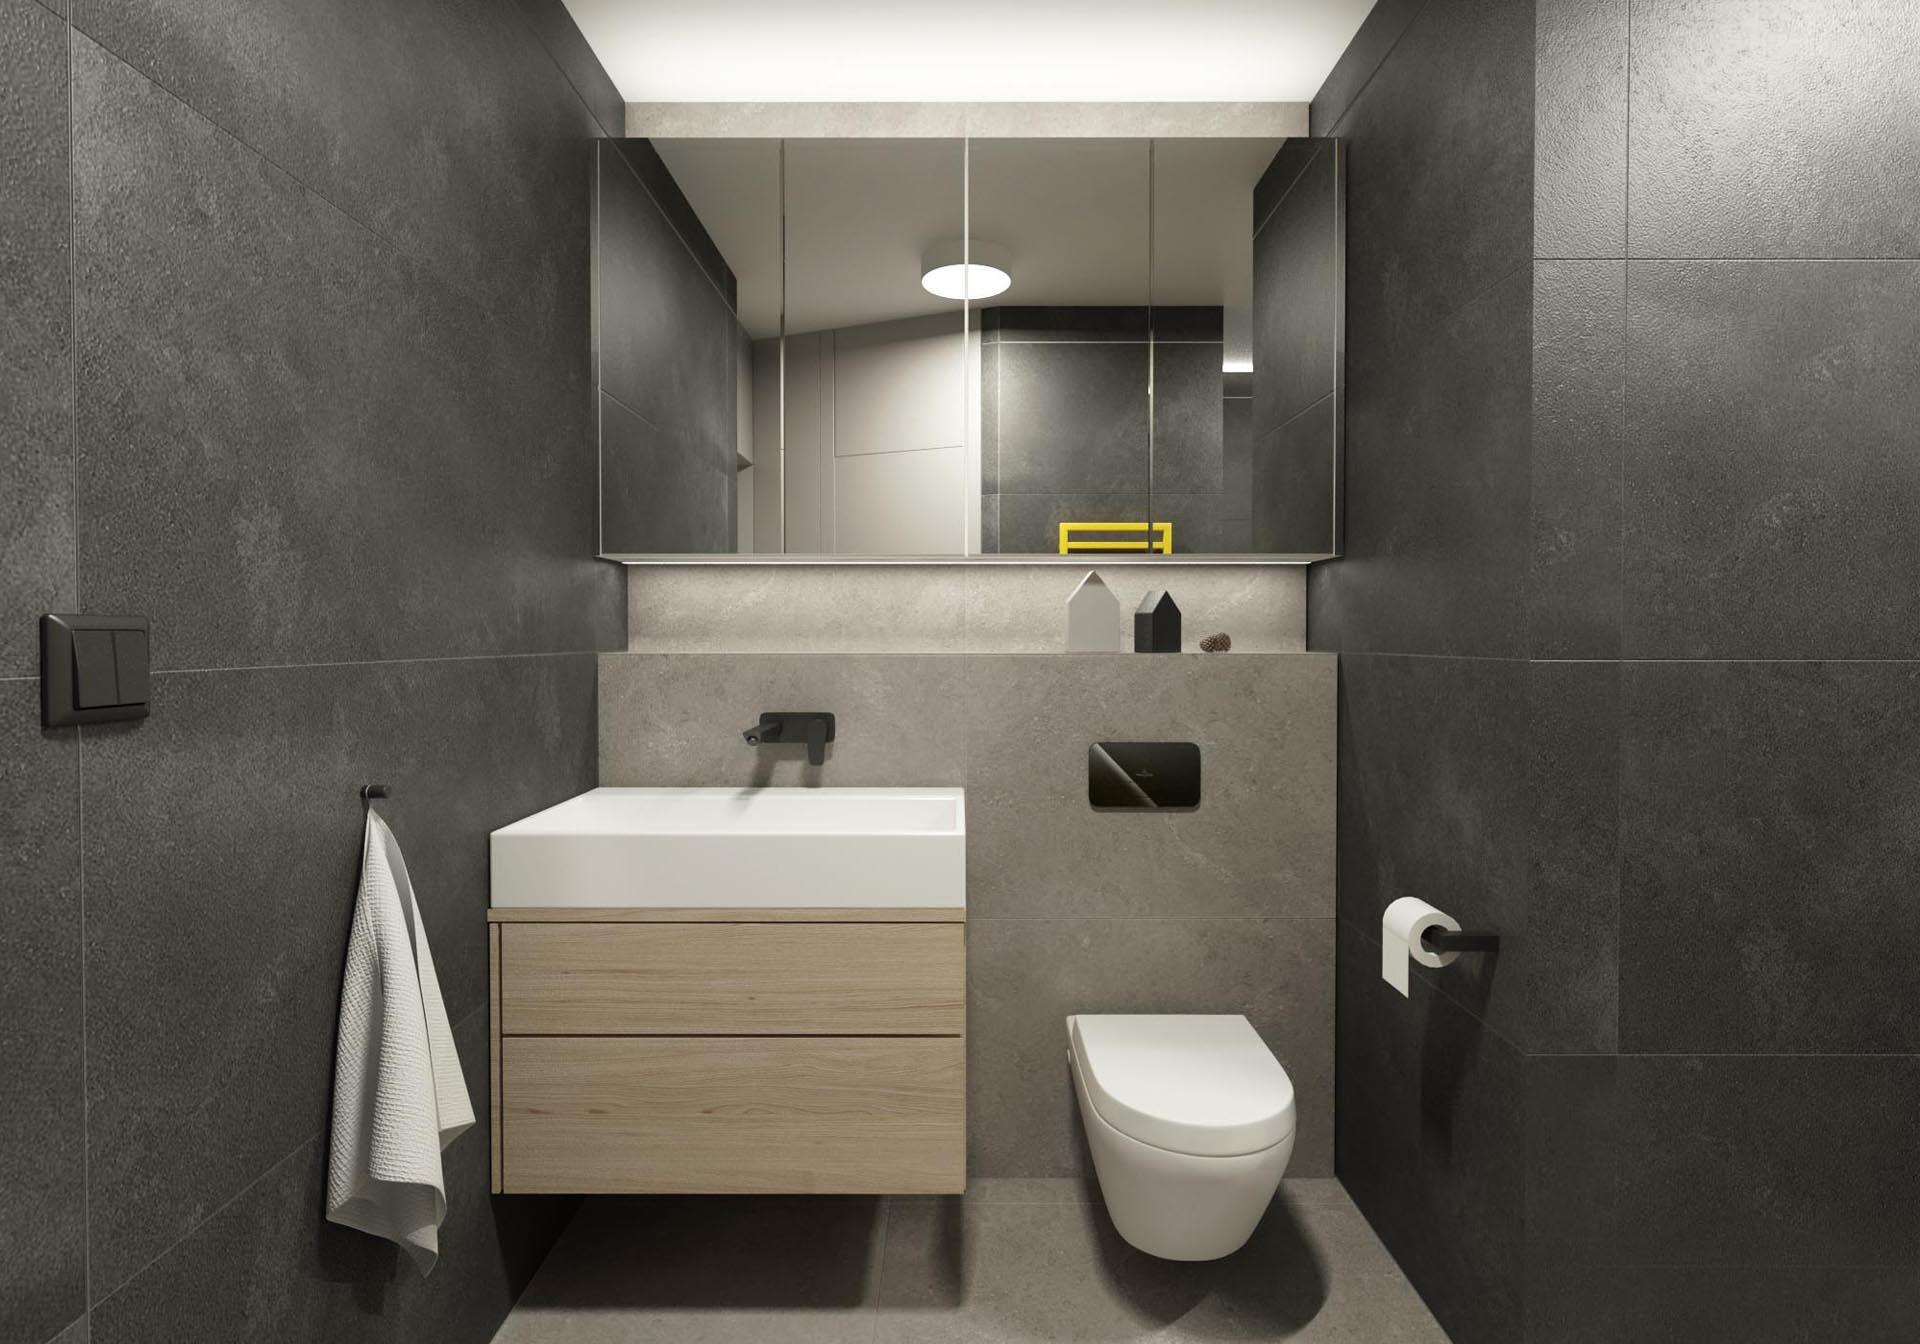 rekonstrukcia bytu, rekonstrukcia bytu bratislava, navrh kupelne s wc, navrh interieru kupelne, interier kupelne, navrh interieru, bathroom design, interierovy dizajn, interierovy dizajner, veronika paluchova, grey interior, black interior, V&B tiles, aberdeen magma